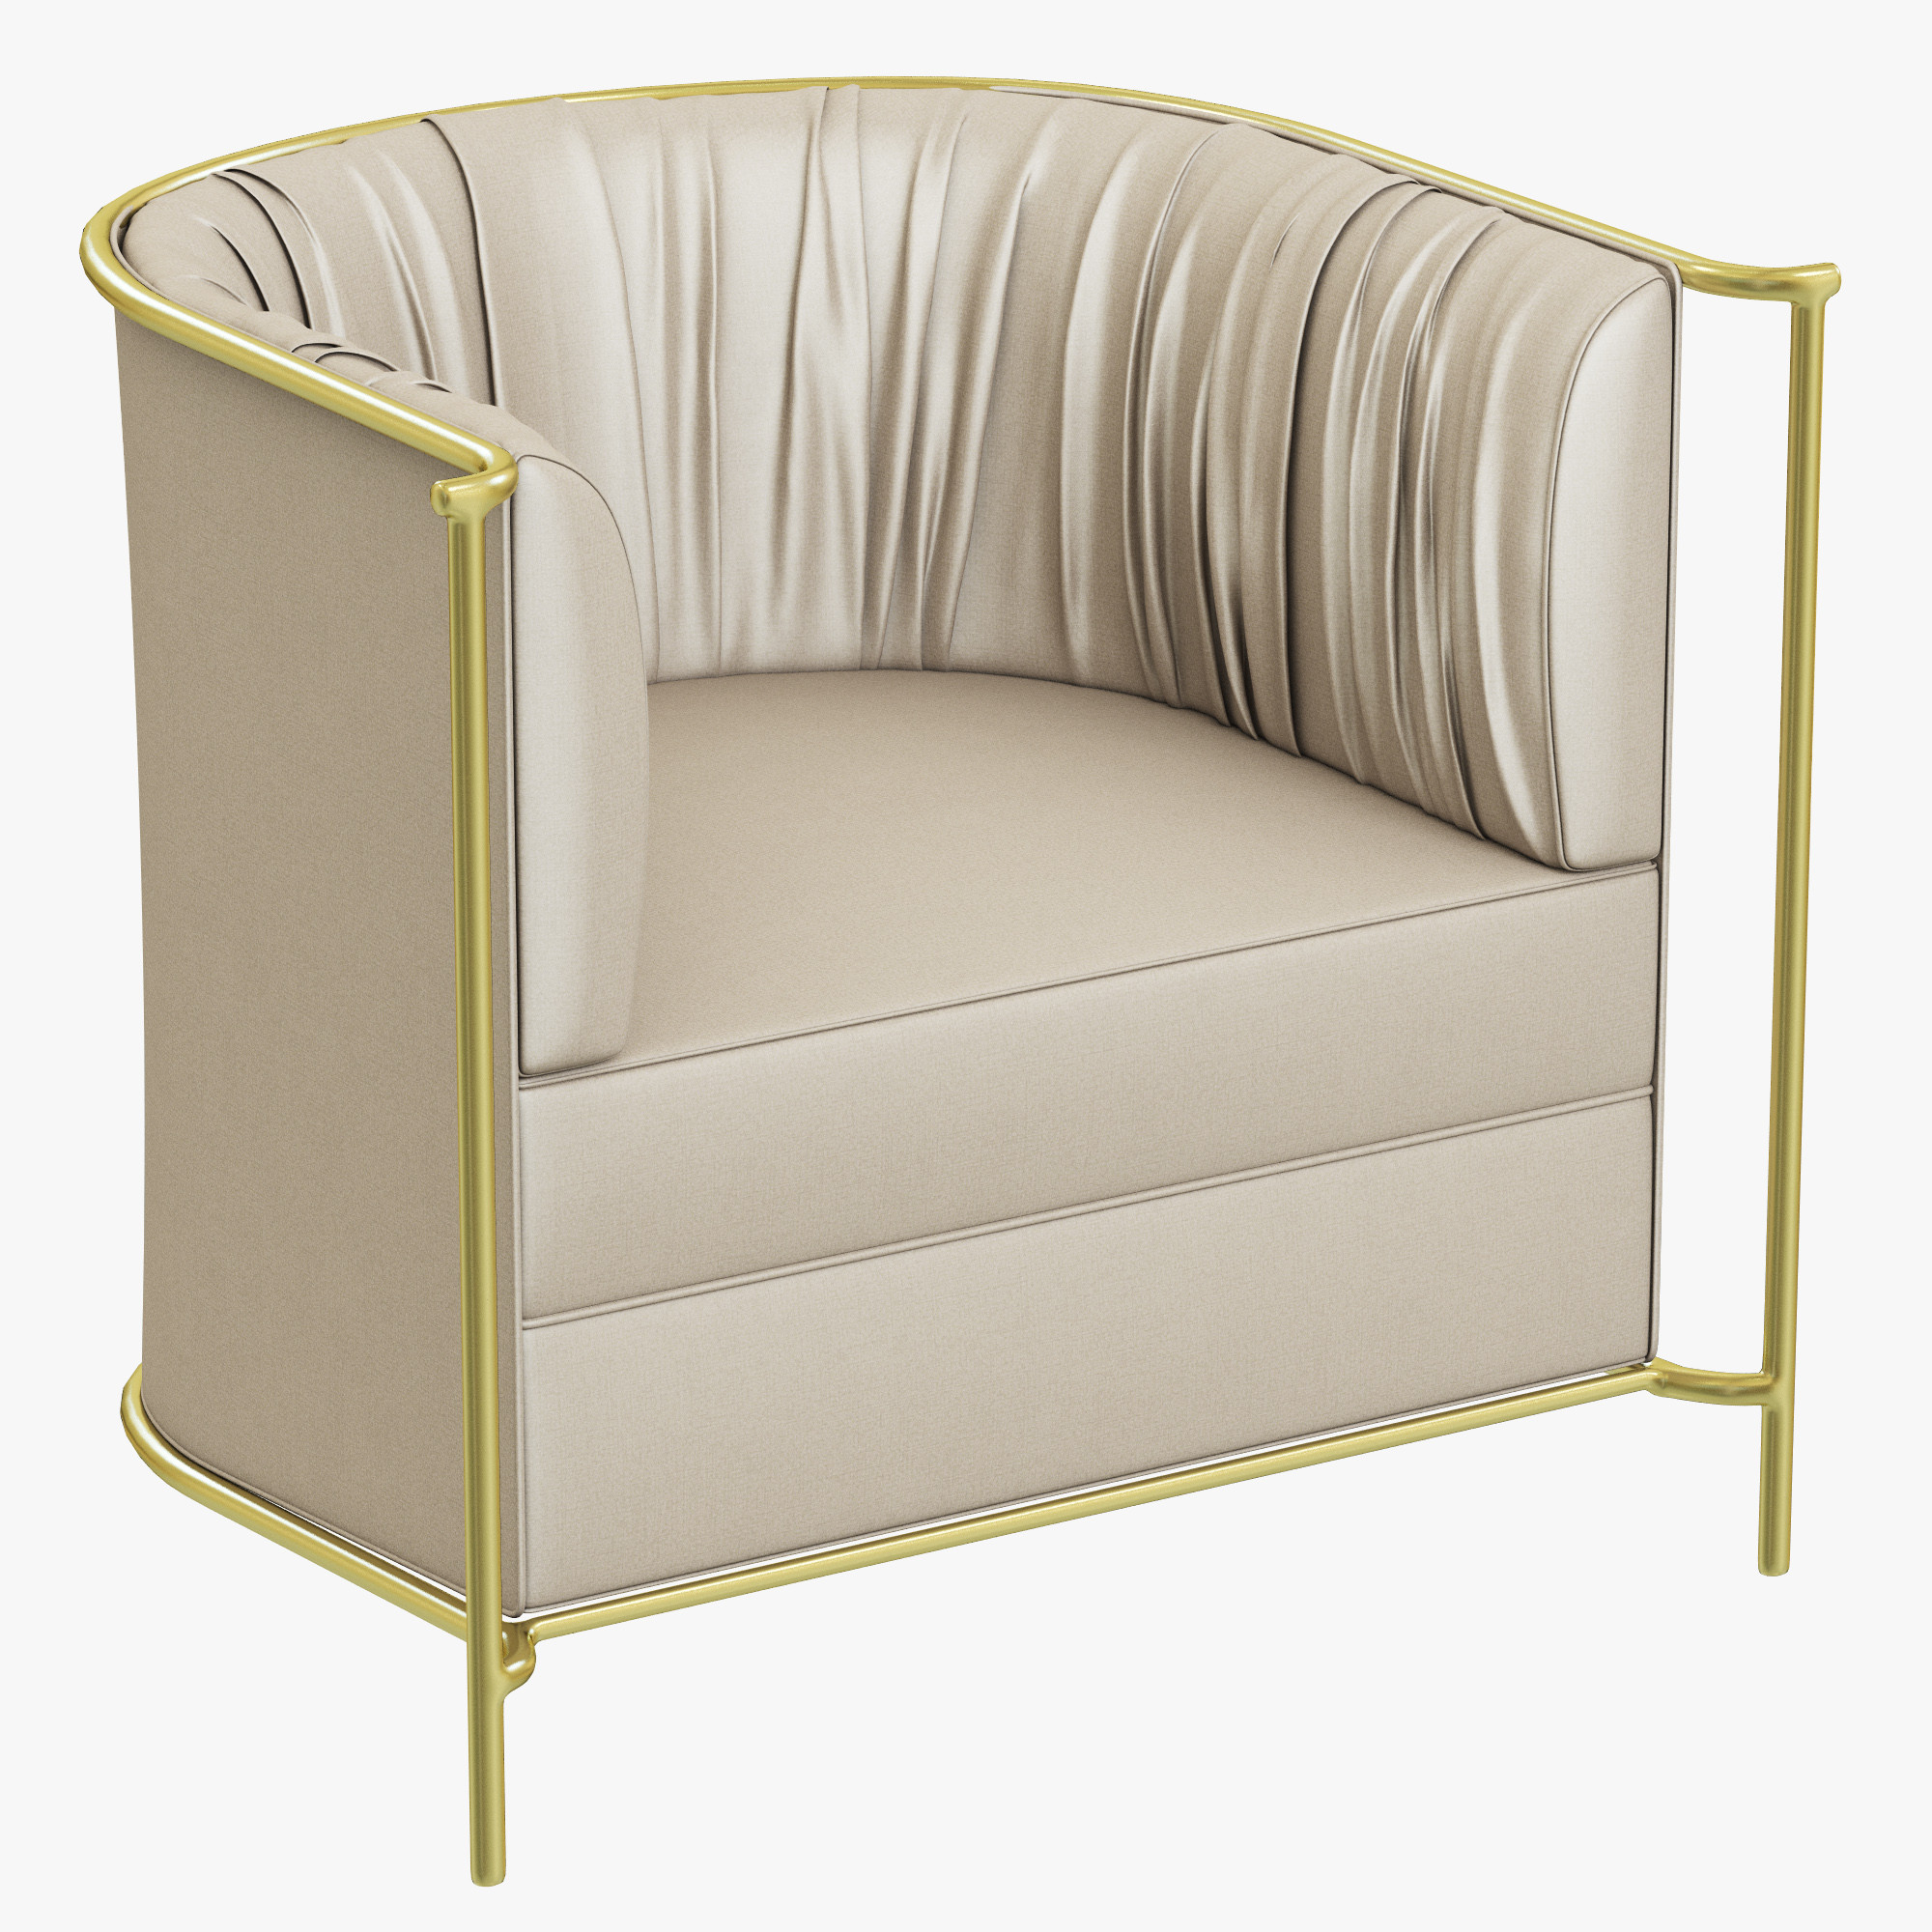 3d Model Koket Desire Chair